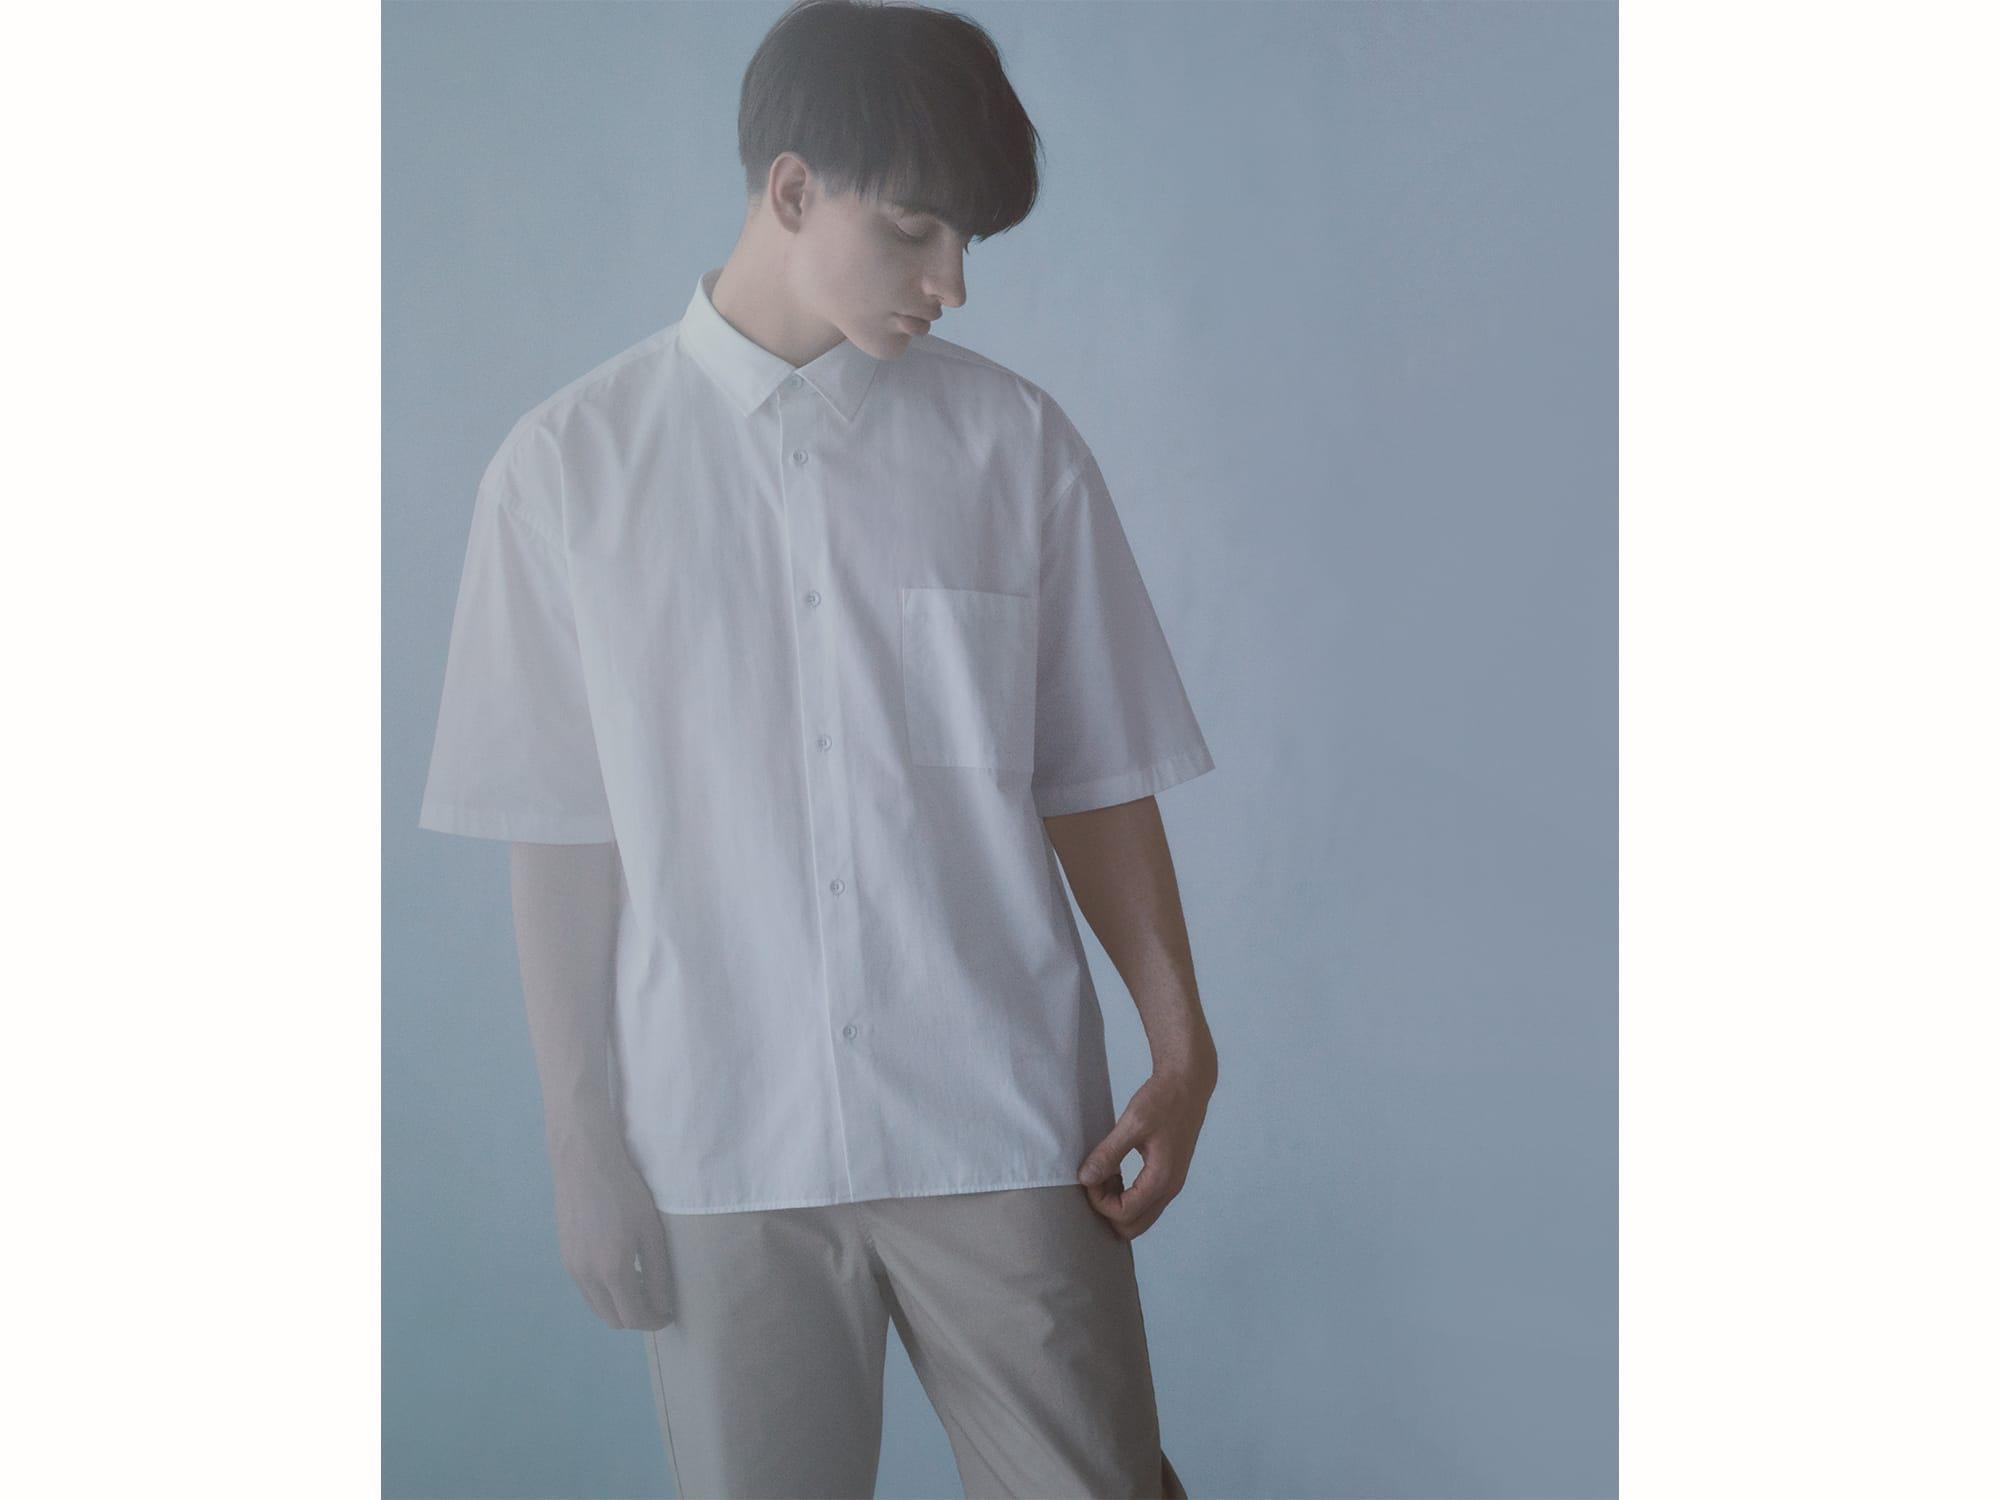 ニュートラルに取り入れられるアイテムをラインナップする「AIDA」コレクションから、「ミニマル ショートスリーブシャツ」17,800円(税込)。